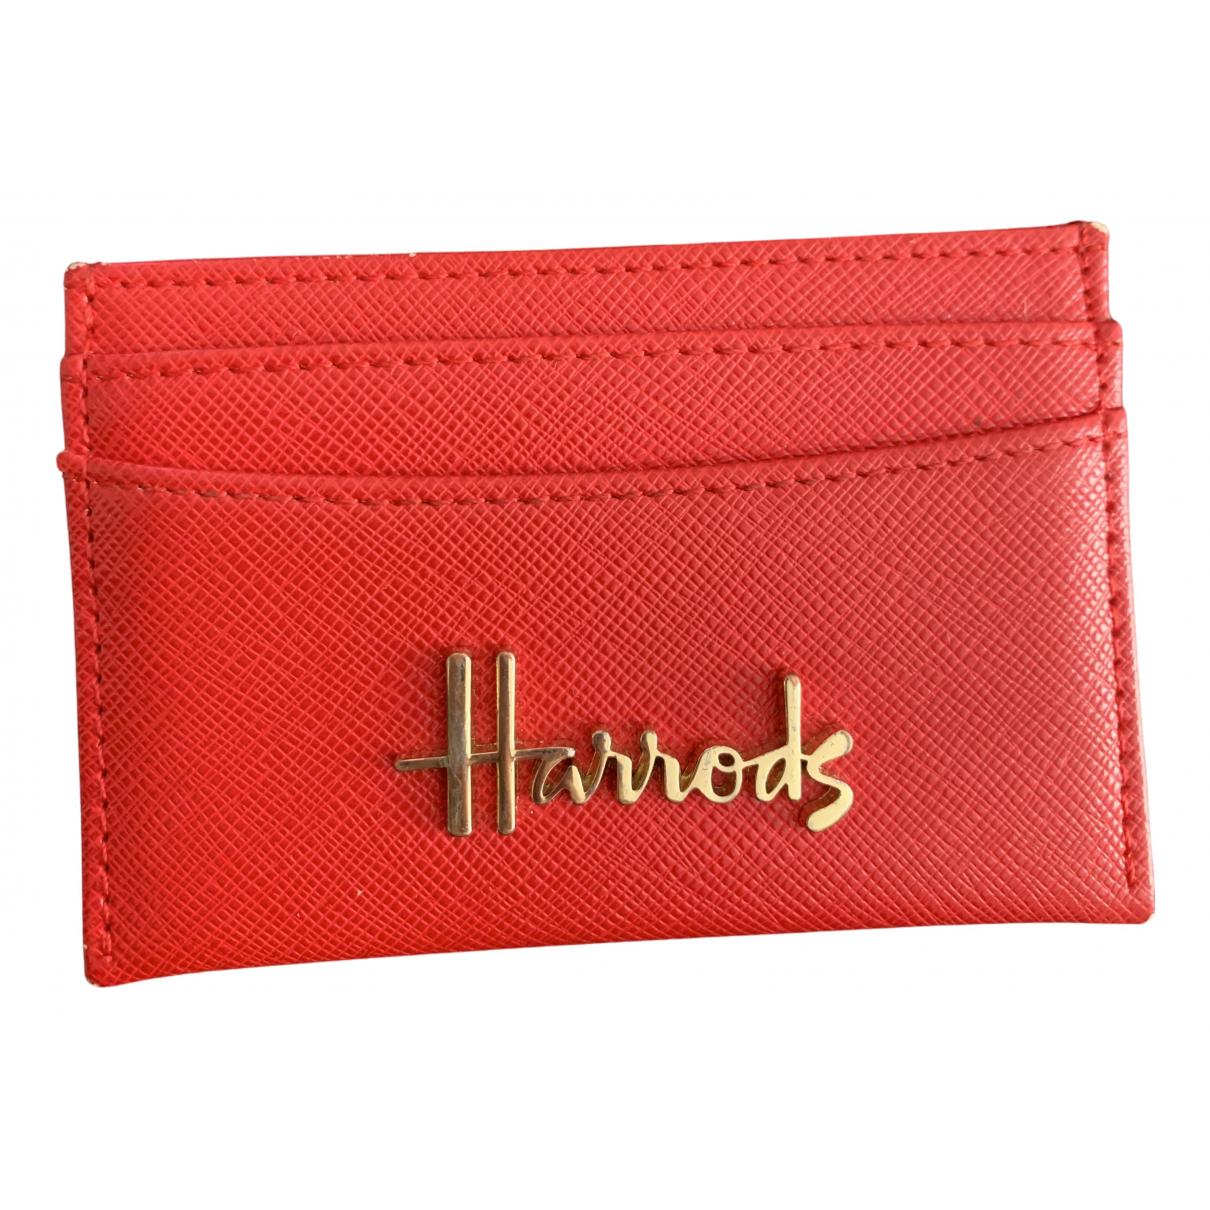 Harrods - Portefeuille   pour femme en cuir - rouge